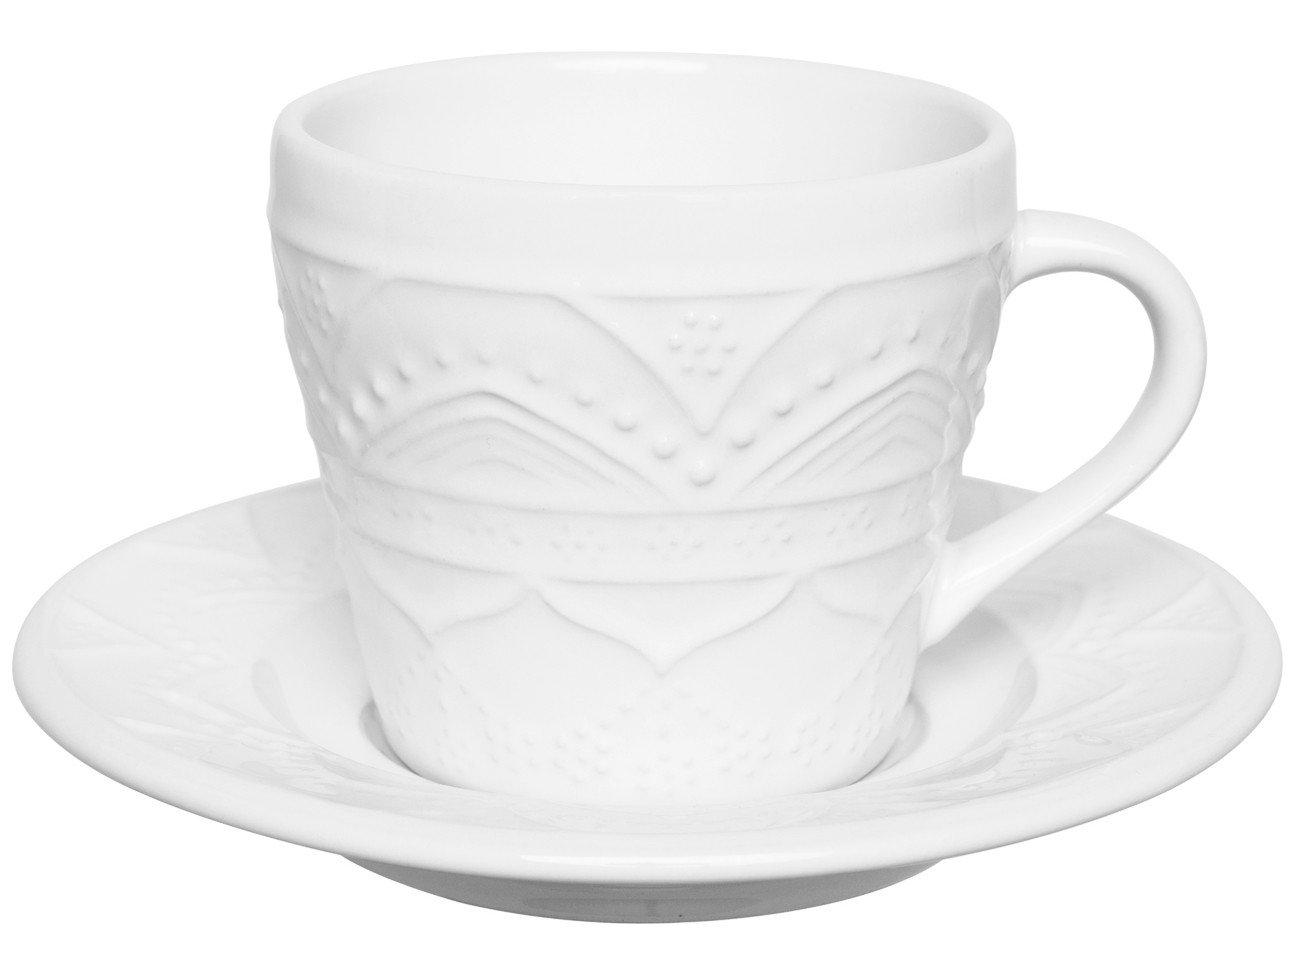 Jogo de Xícaras de Chá 220ml Oxford Daily - Serena White 12 Peças - 1